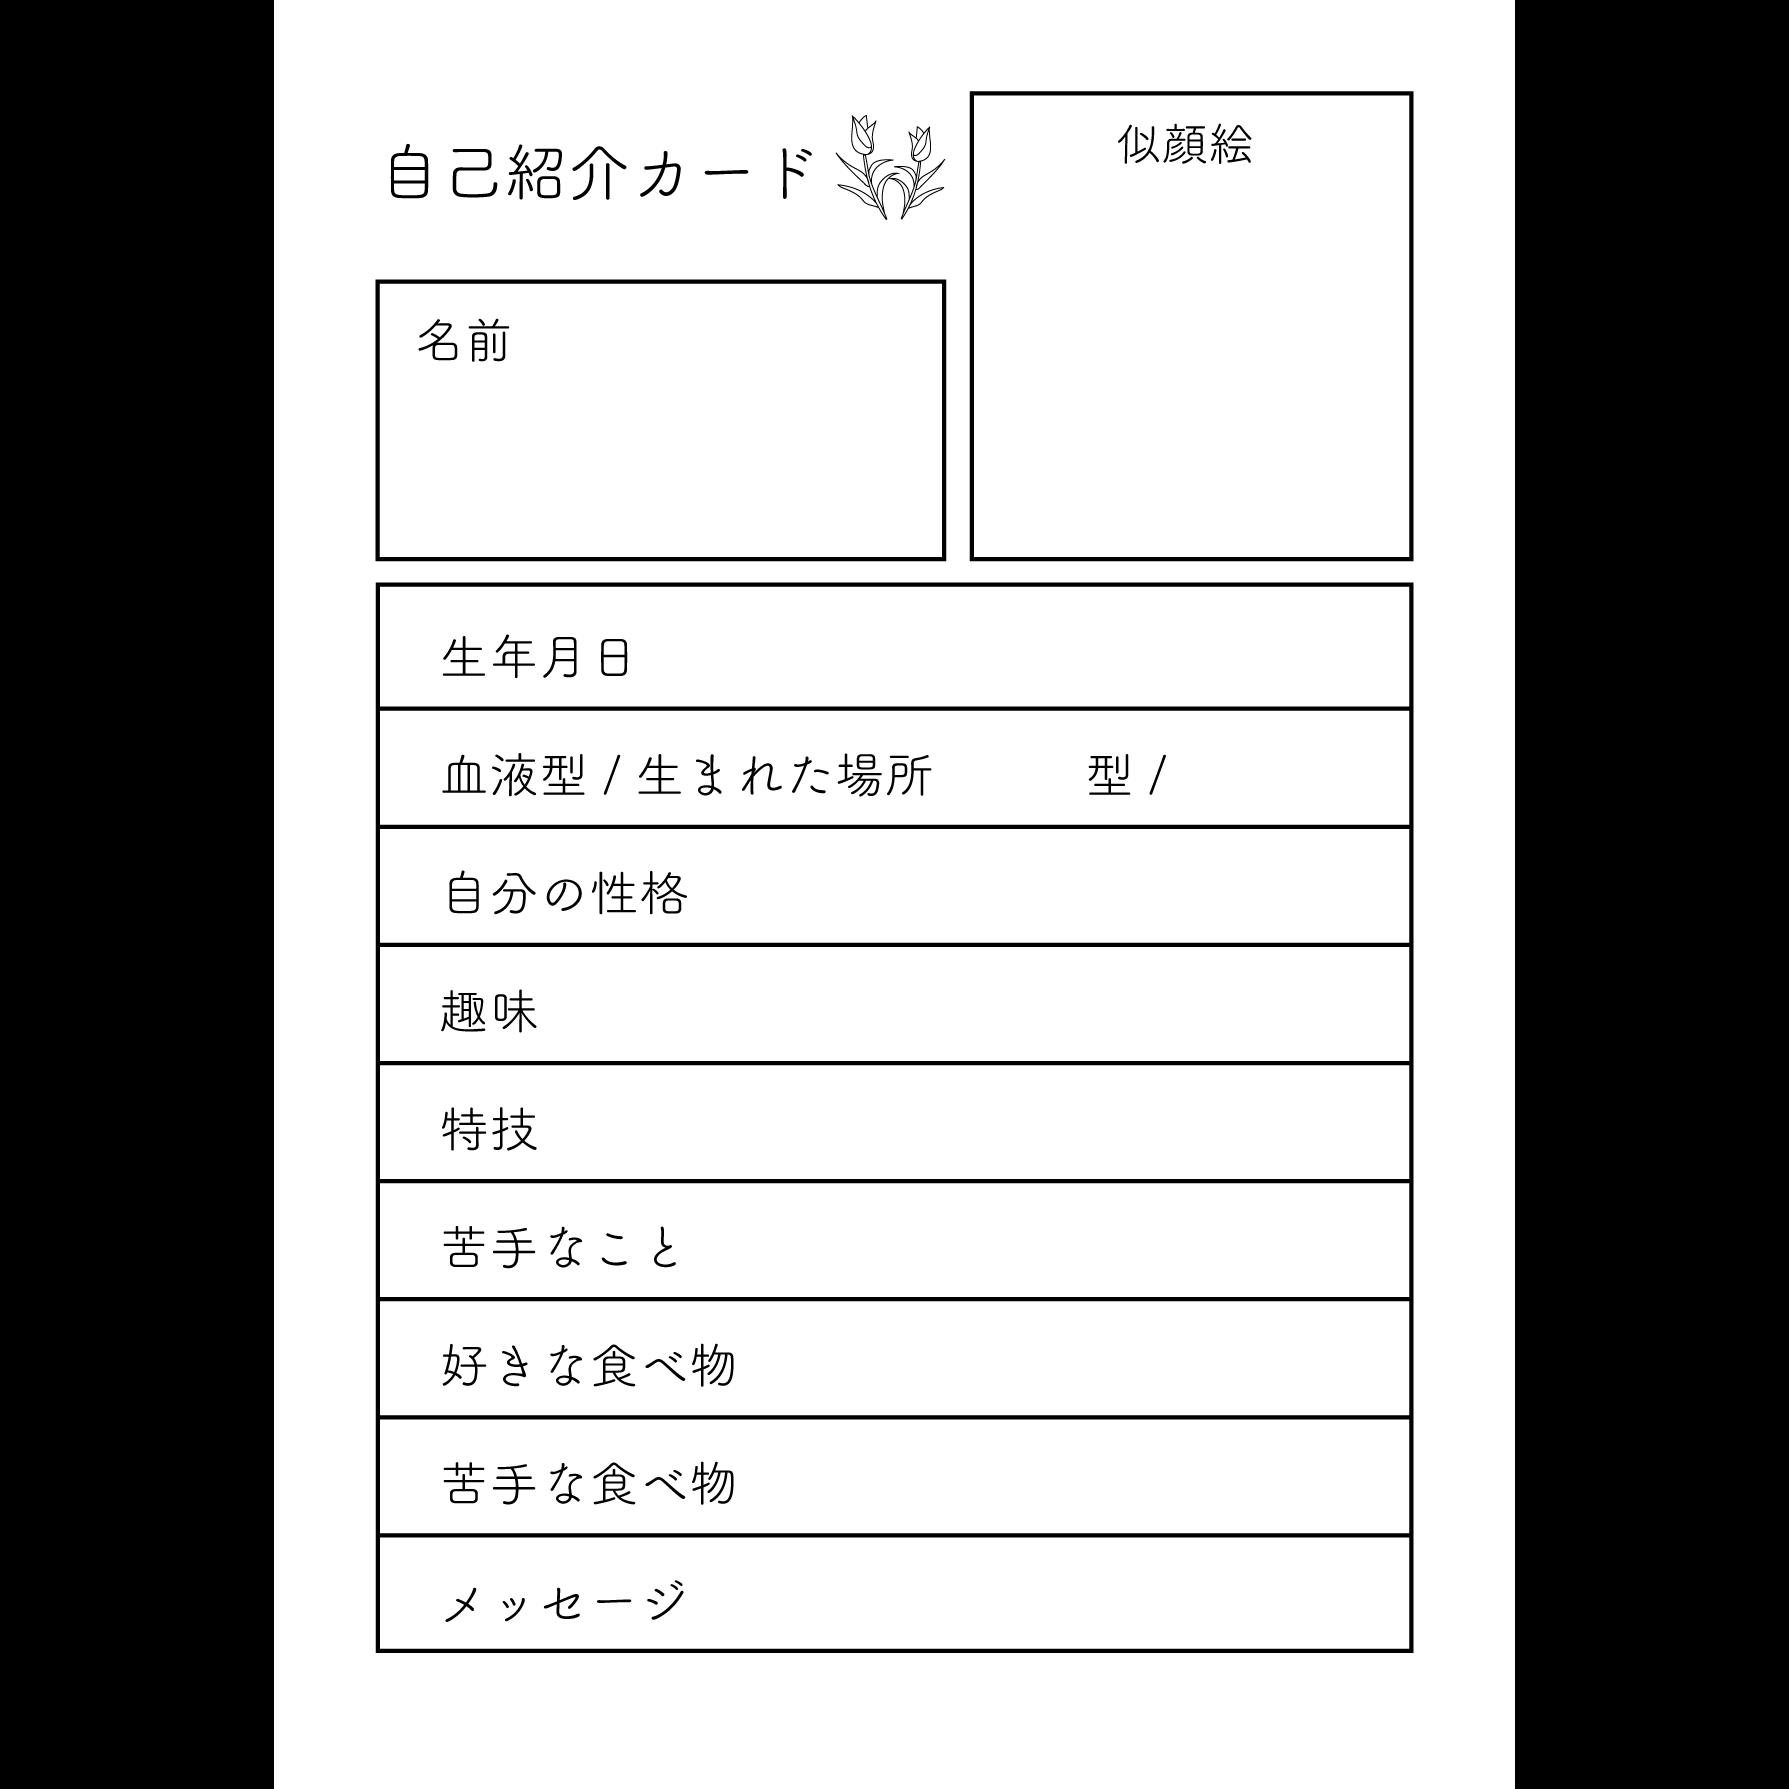 自己紹介カード(小学校・高学年)白黒 テンプレート イラスト